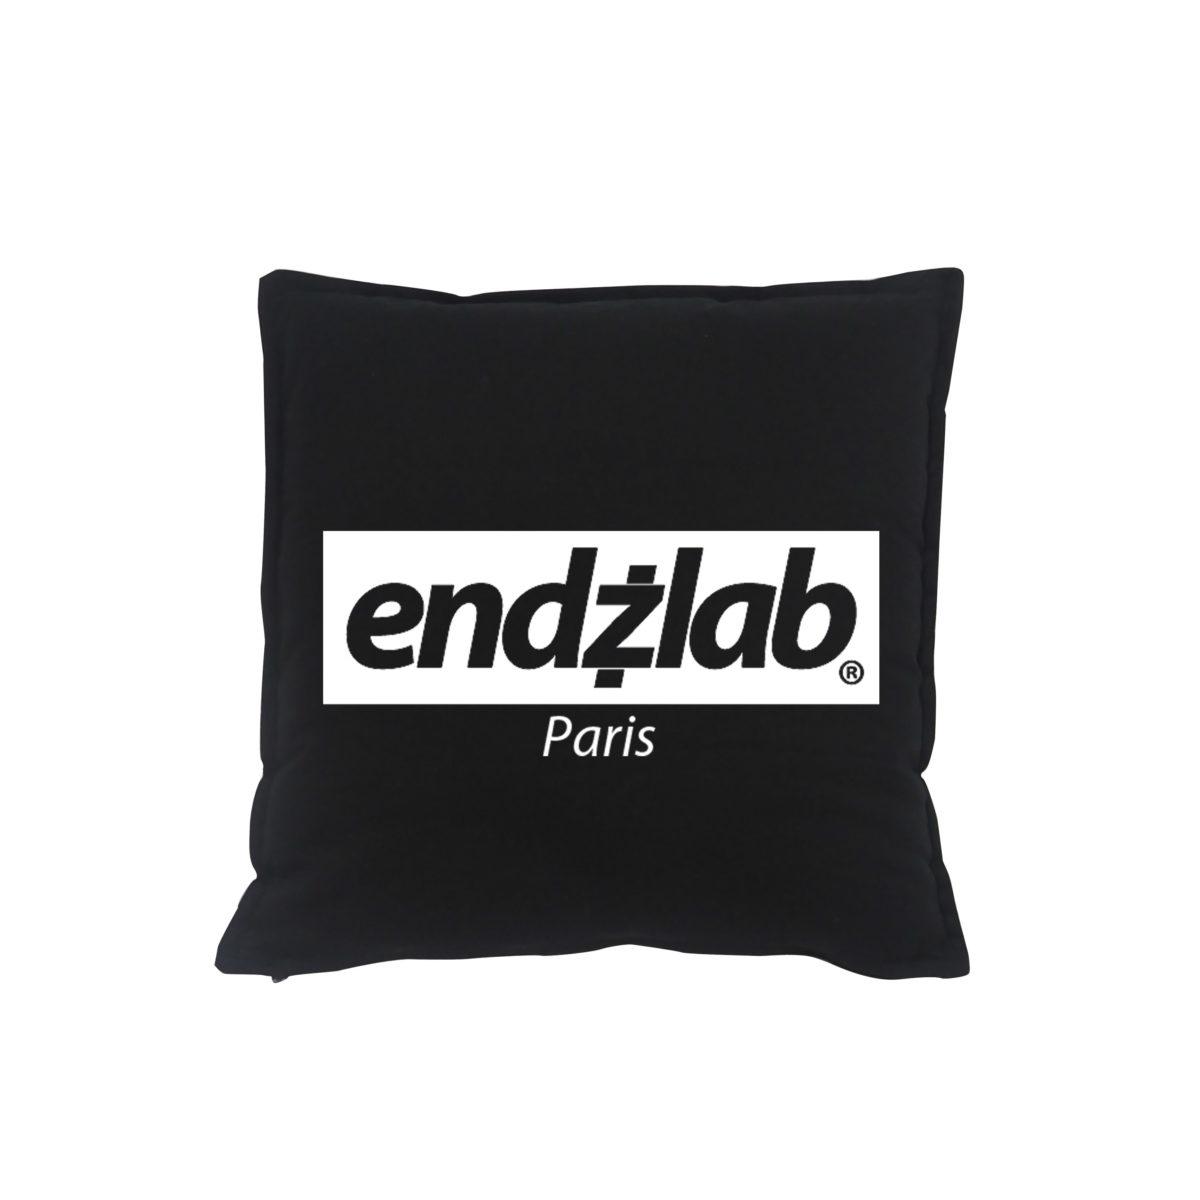 Endzlab Logo Pillow Black